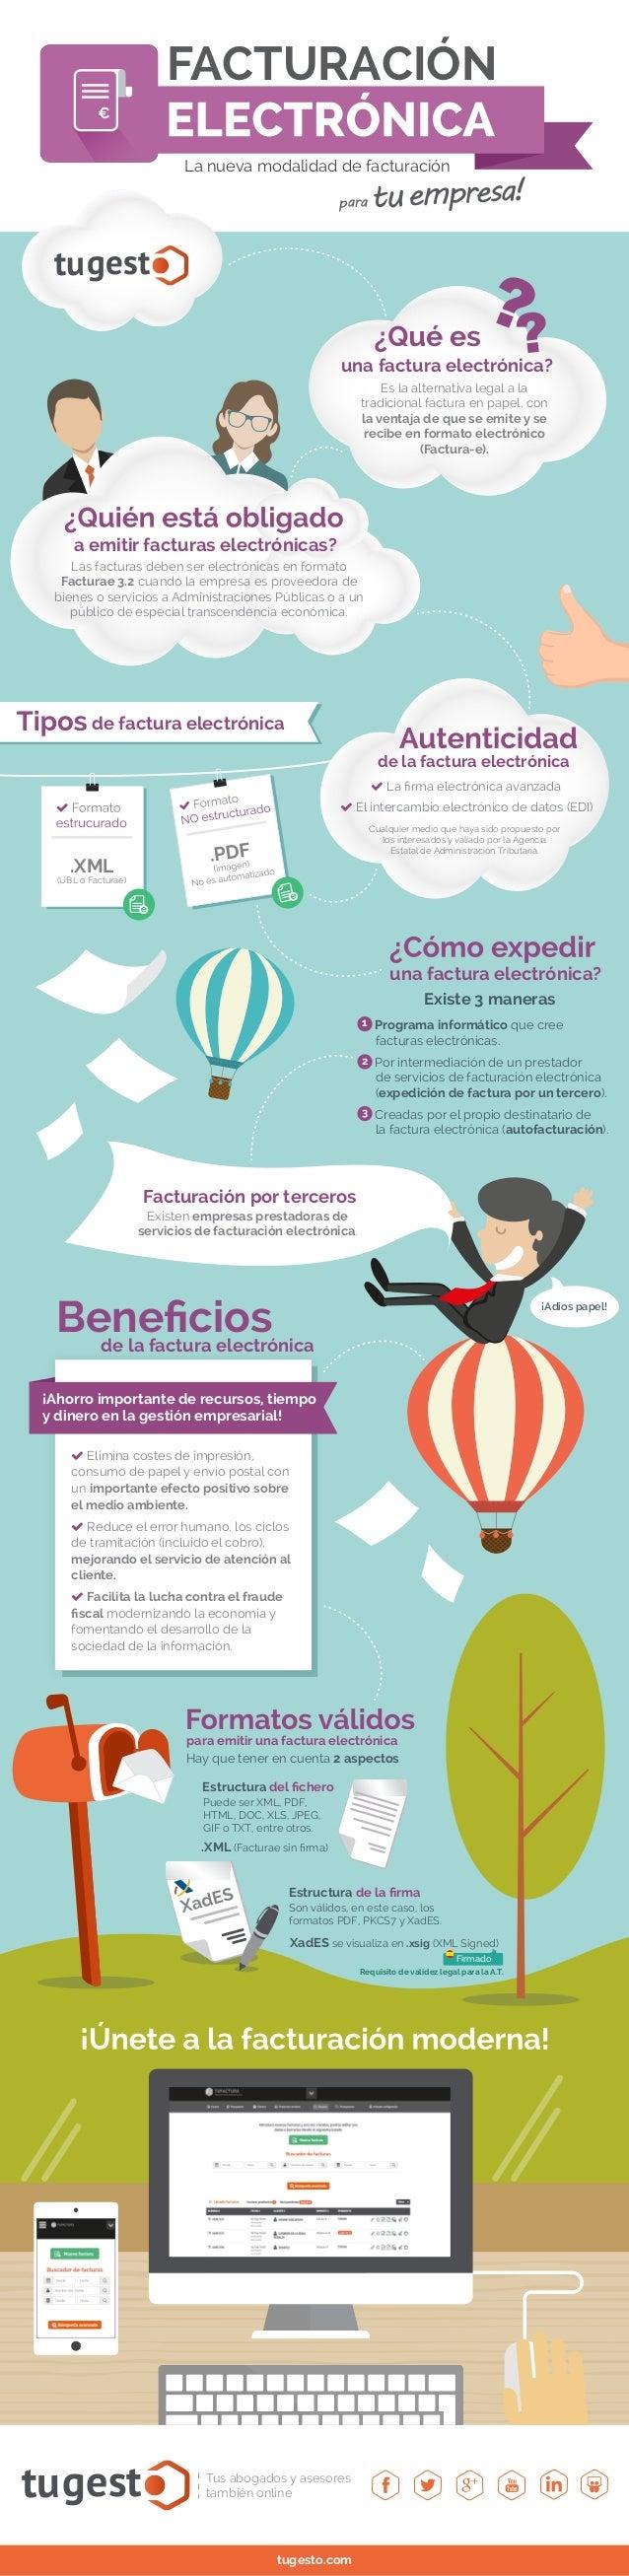 tugest Tus abogados y asesores también online tugesto.com La nueva modalidad de facturación FACTURACIÓN Es la alternativa ...